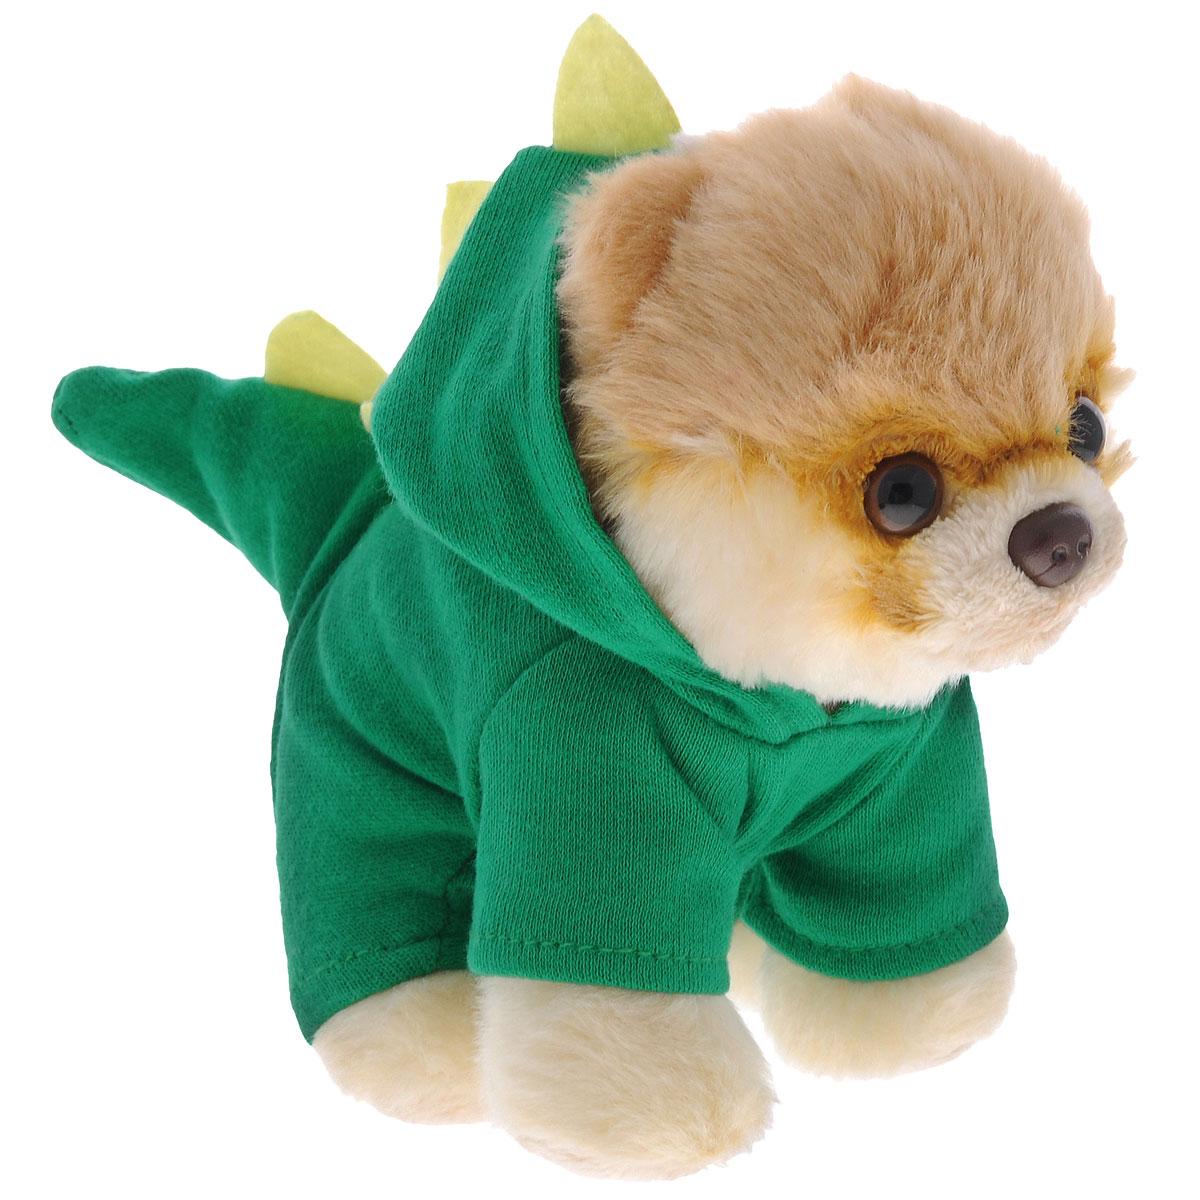 Мягкая игрушка Gund Boo-Rex, 12,5 см4048569Мягкая игрушка Gund Boo-Rex выполнена из безопасных материалов в виде очаровательного шпица в зеленом костюмчике с капюшоном в виде дракончика. Игрушка Gund Boo-Rex отличается от других реалистичным внешним видом, напоминающим настоящего питомца. Только посмотрите на эту милую мордашку, которая так приветливо смотрит на вас. Такая игрушка вызывает умиление не только у детей , но и у взрослых. Великолепное качество исполнения делают эту игрушку чудесным подарком к любому празднику.